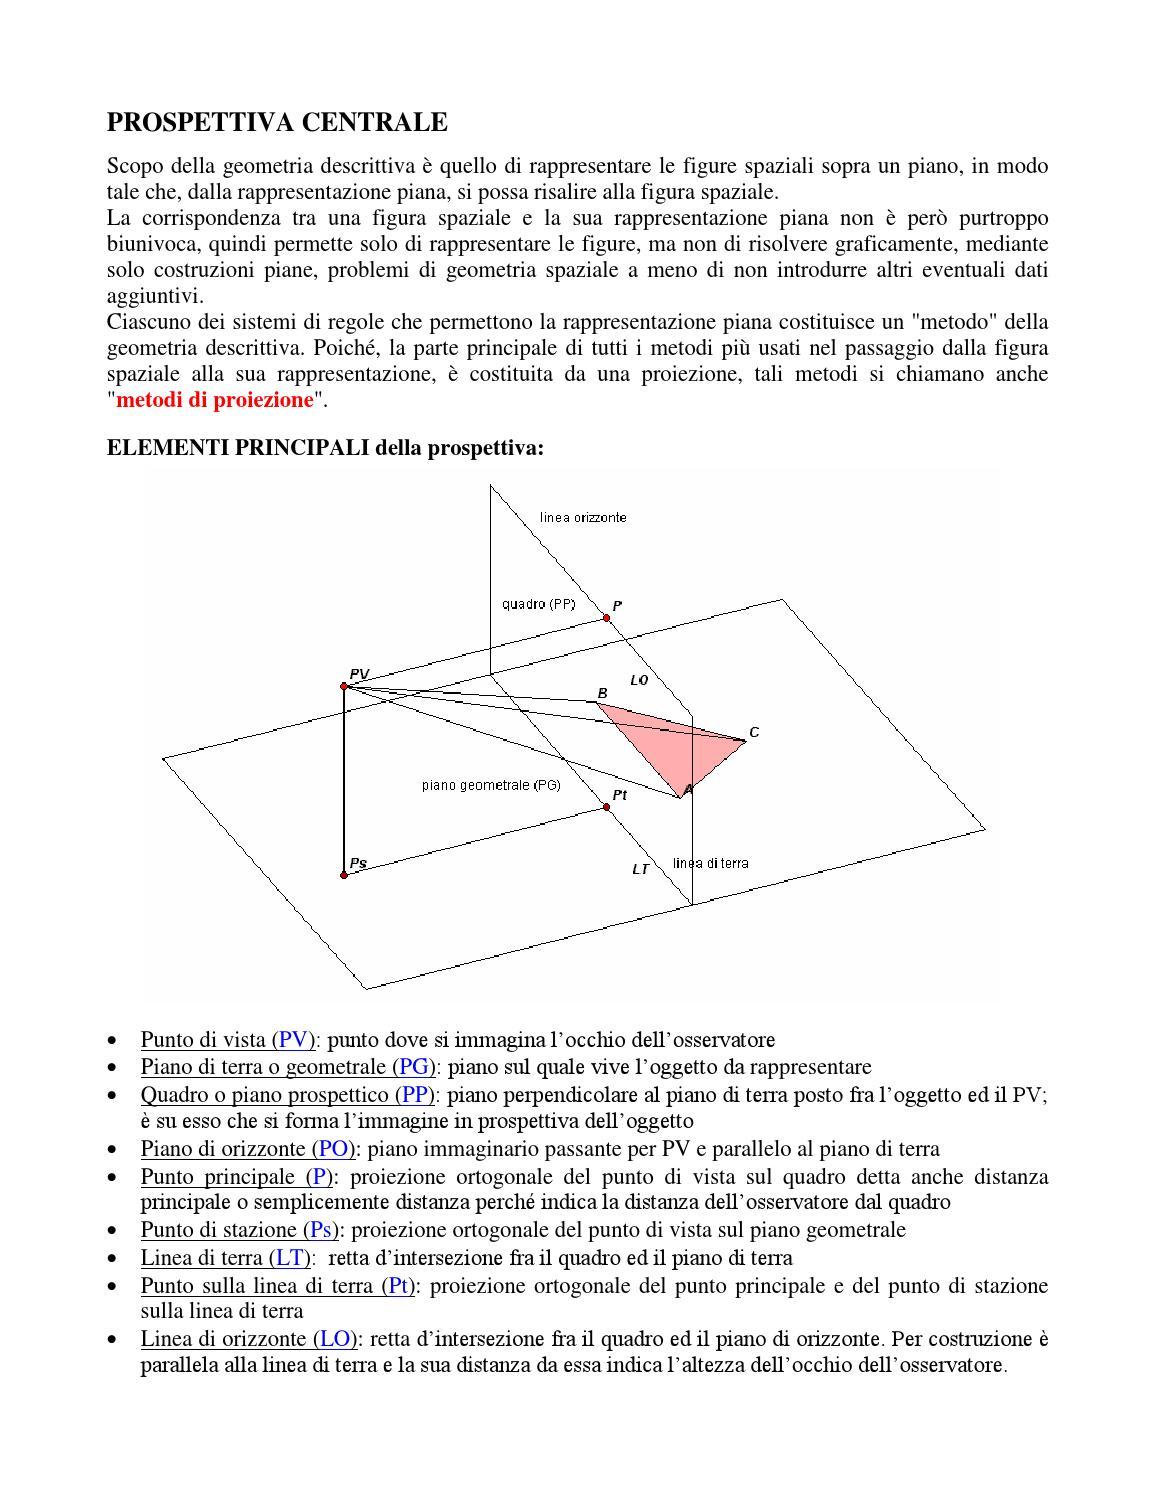 Prospettiva Centrale E Accidentale prospettiva by davide cara - issuu